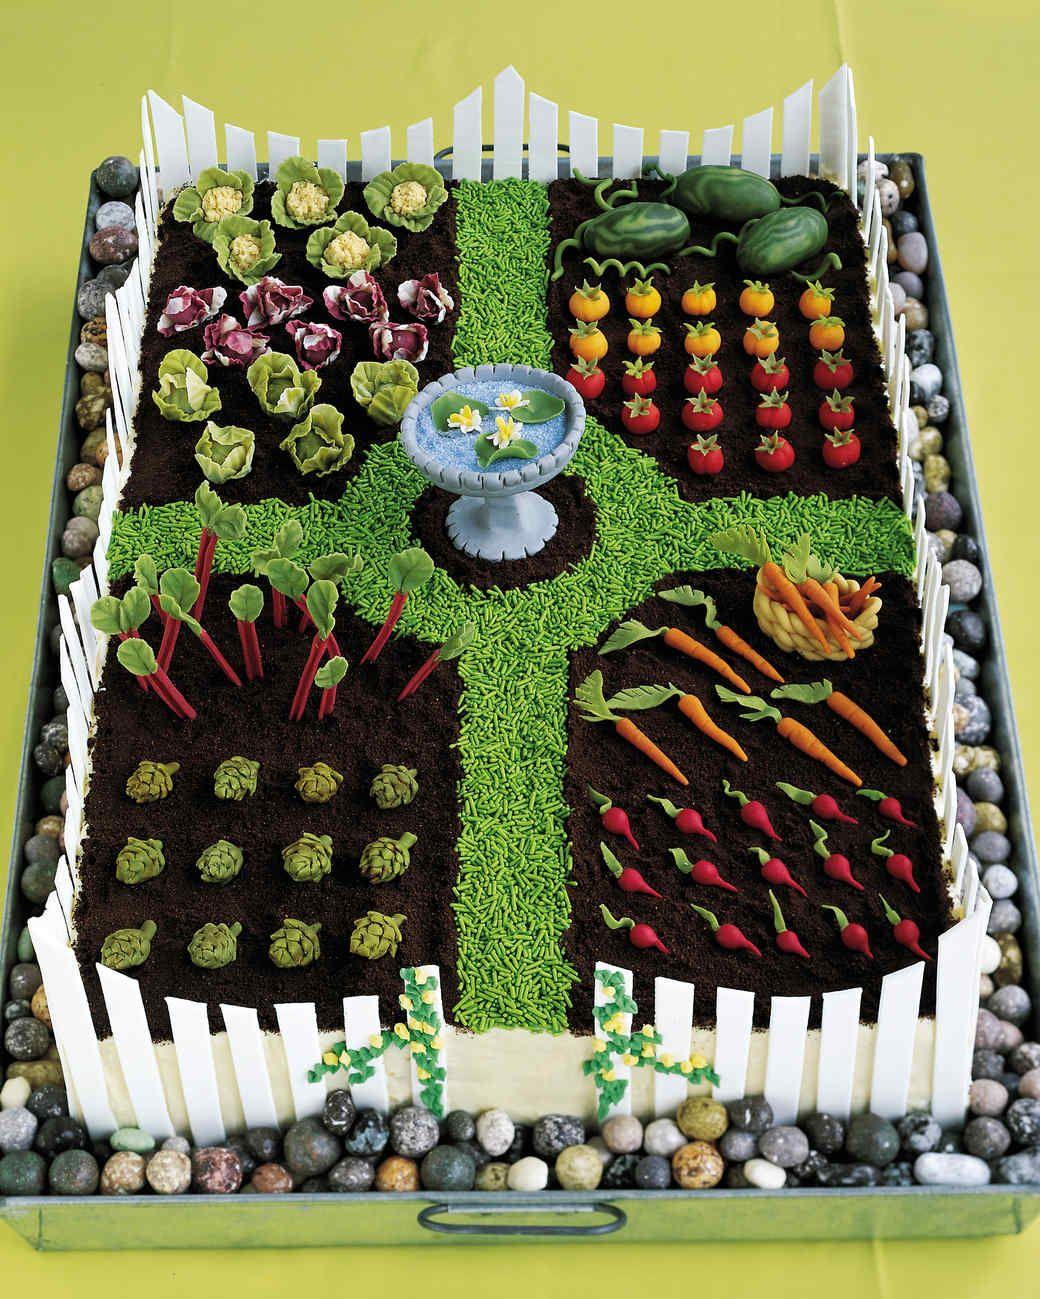 Spring Garden Cake on martha stewart landscaping, martha stewart family, martha stewart home, martha stewart succulents, martha stewart raised vegetable garden, martha stewart greenhouse, martha stewart gazebo, martha stewart books,